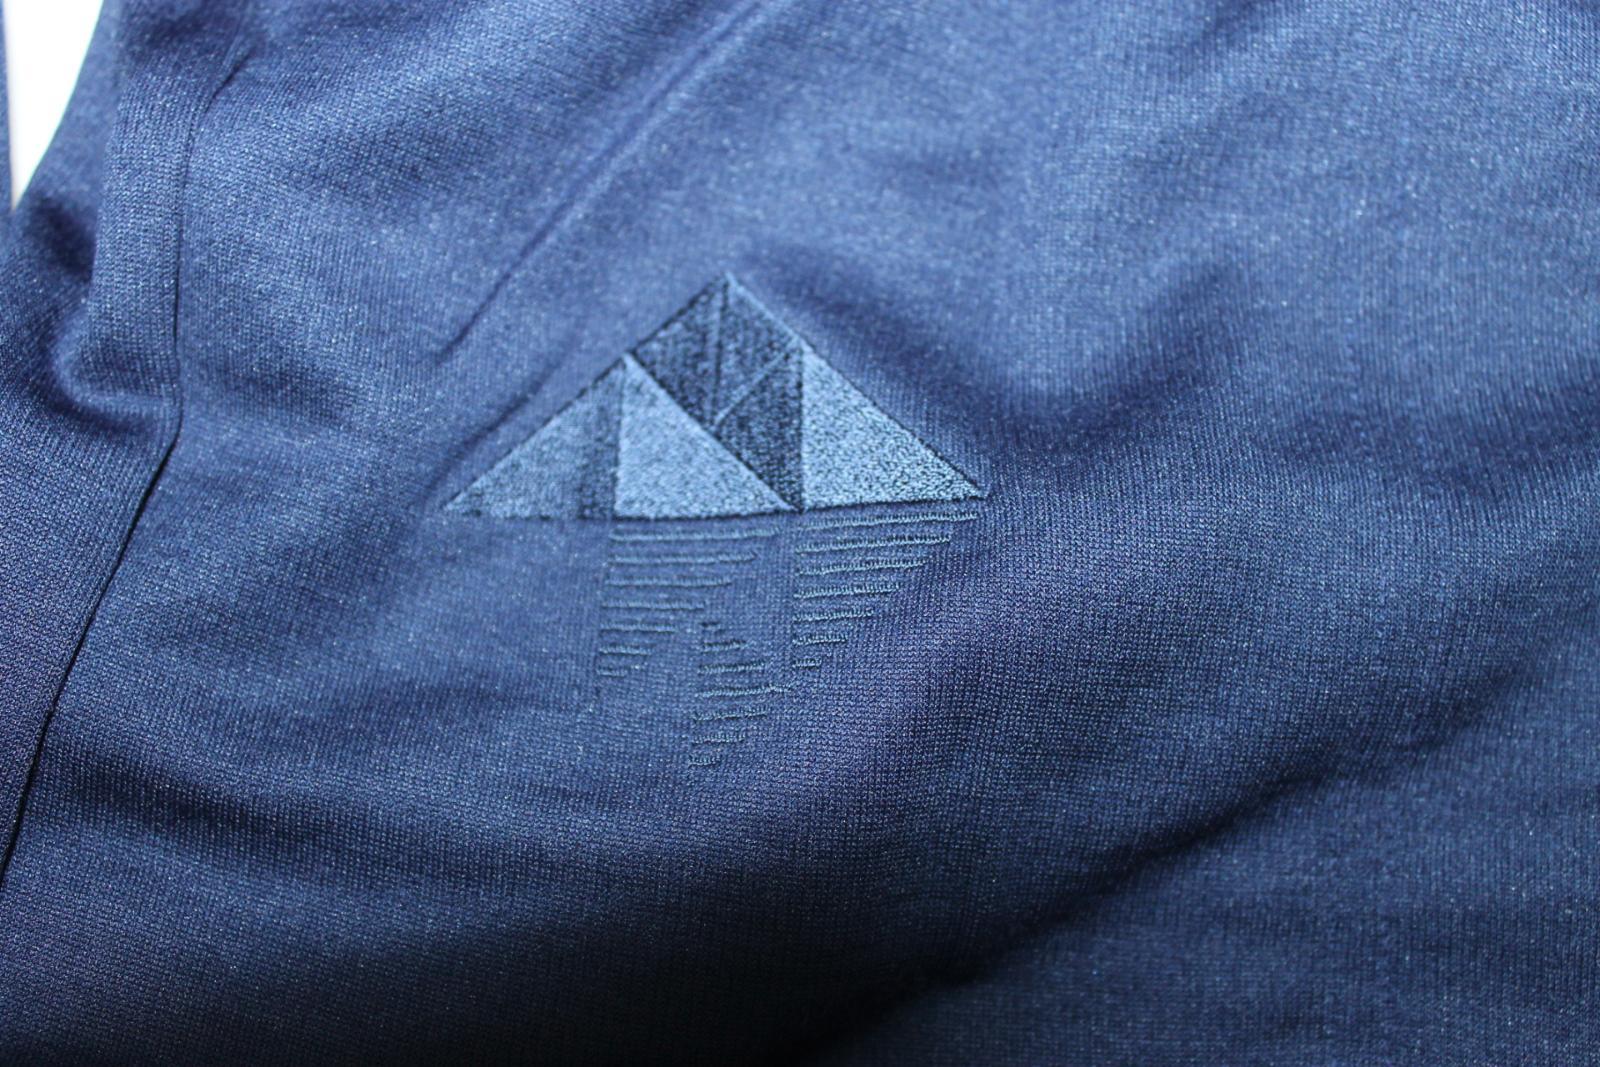 Homme RAPHA Classique Long Sleeve grimpe blanc marine laine mélangée Jersey Taille S Bnwt